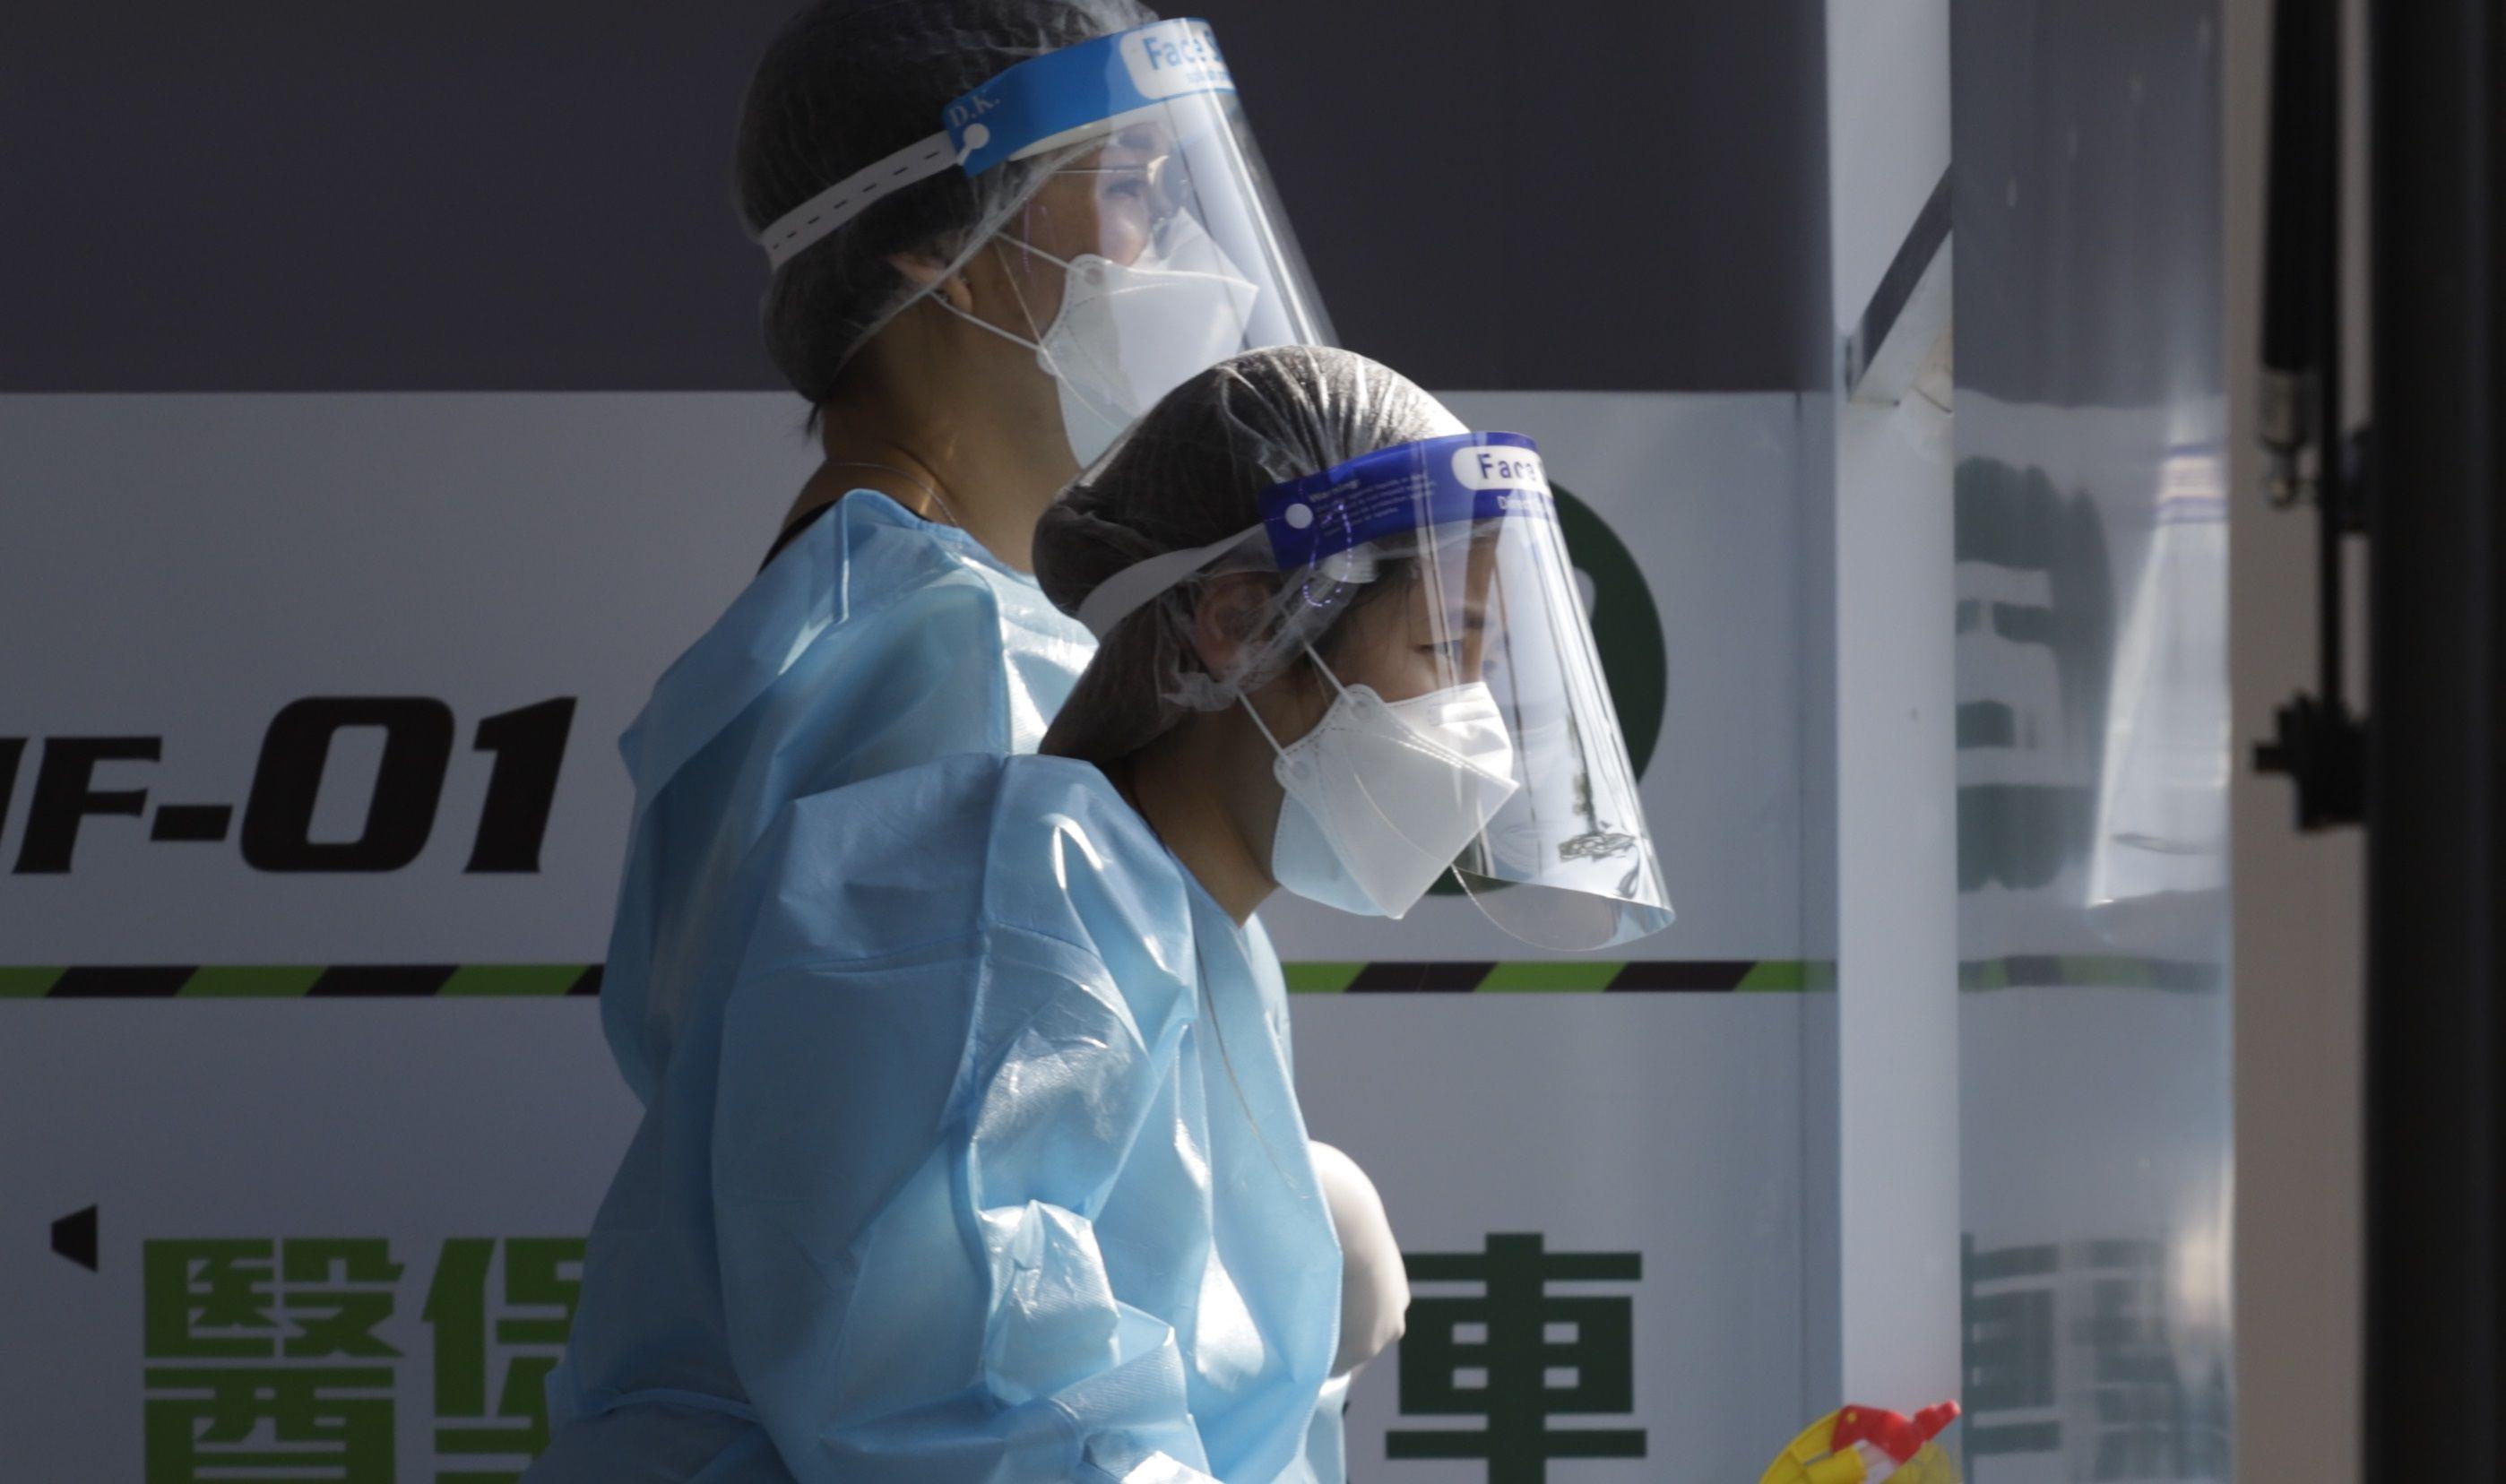 21/02/2021 Médicos en la zona urbana de Hong Kong. El Ministerio de Salud de China ha registrado este domingo 13 nuevos casos importados de la enfermedad. POLITICA LIAU CHUNG-REN / ZUMA PRESS / CONTACTOPHOTO